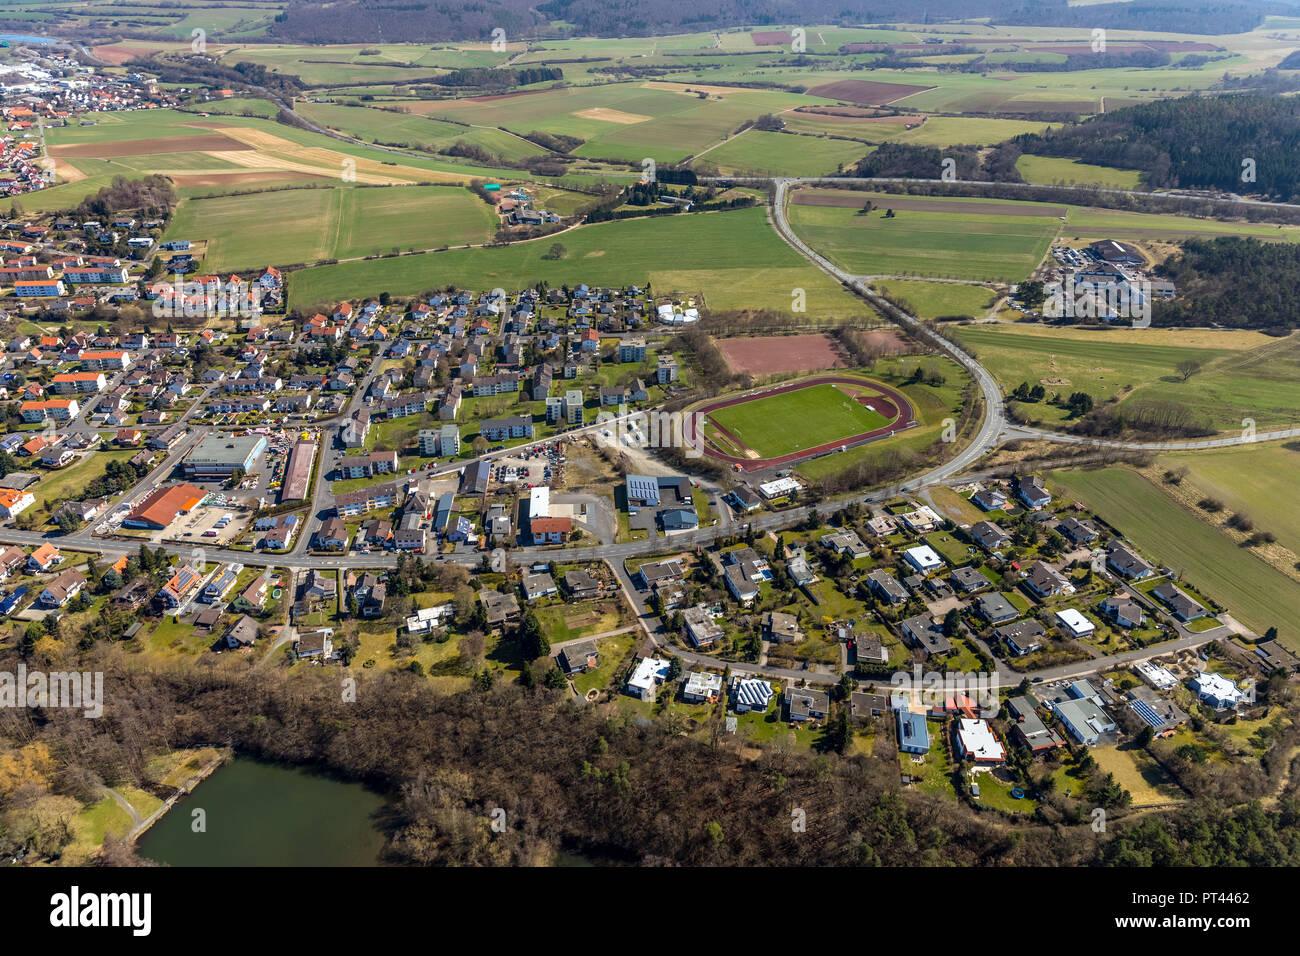 Estadio deportivo en la carretera Odershäuser, campo de fútbol, campo de deportes en Bad Wildungen, centro de salud y spa, en el histórico distrito de Waldeck-Frankenberg, Norte de Hesse, Hesse, Alemania Imagen De Stock